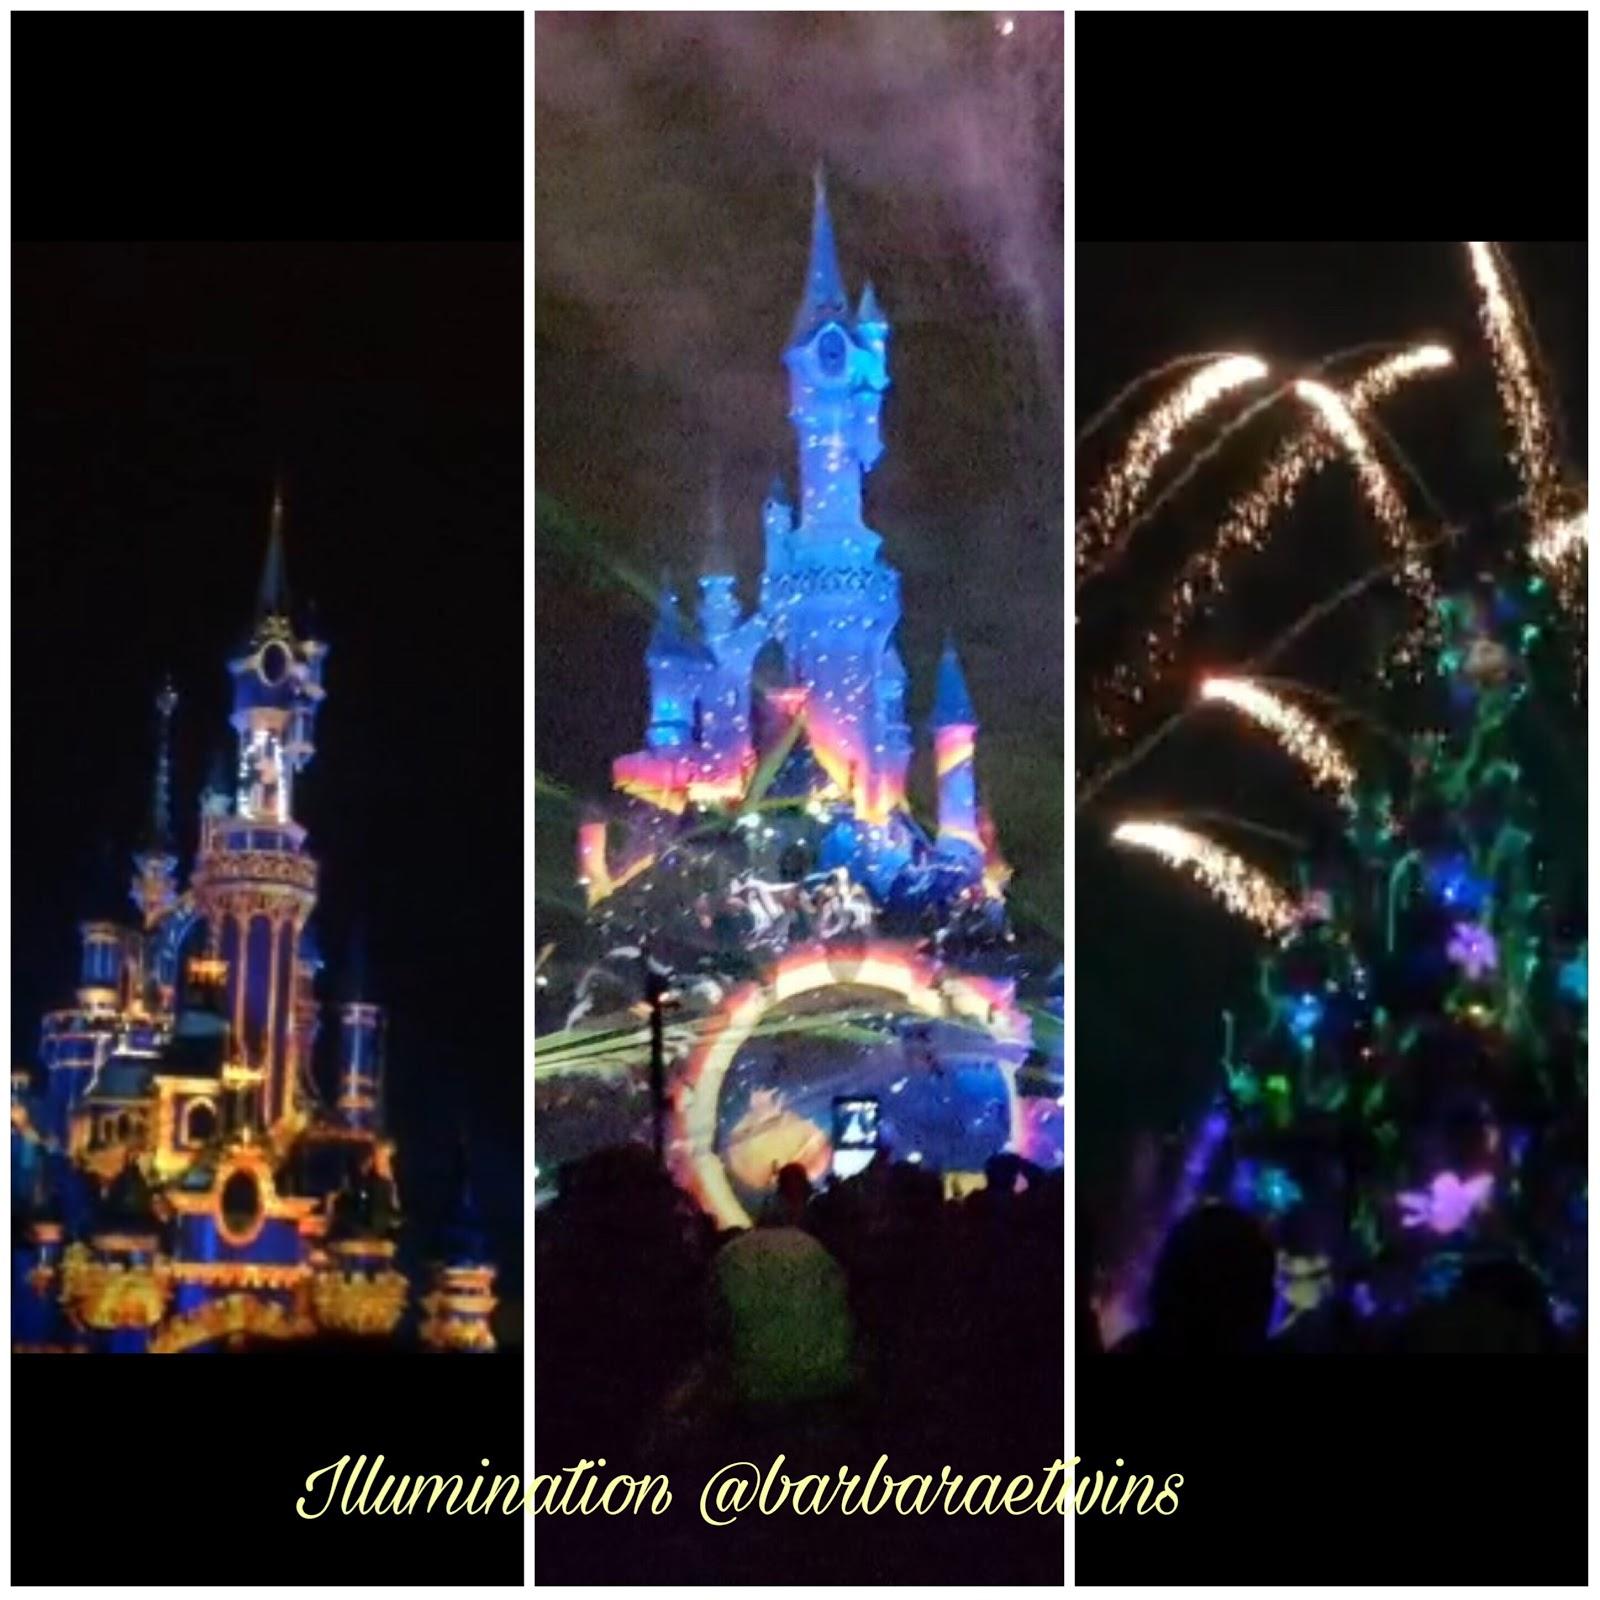 Consigli Disneyland Paris: attrazioni e visita al Parco